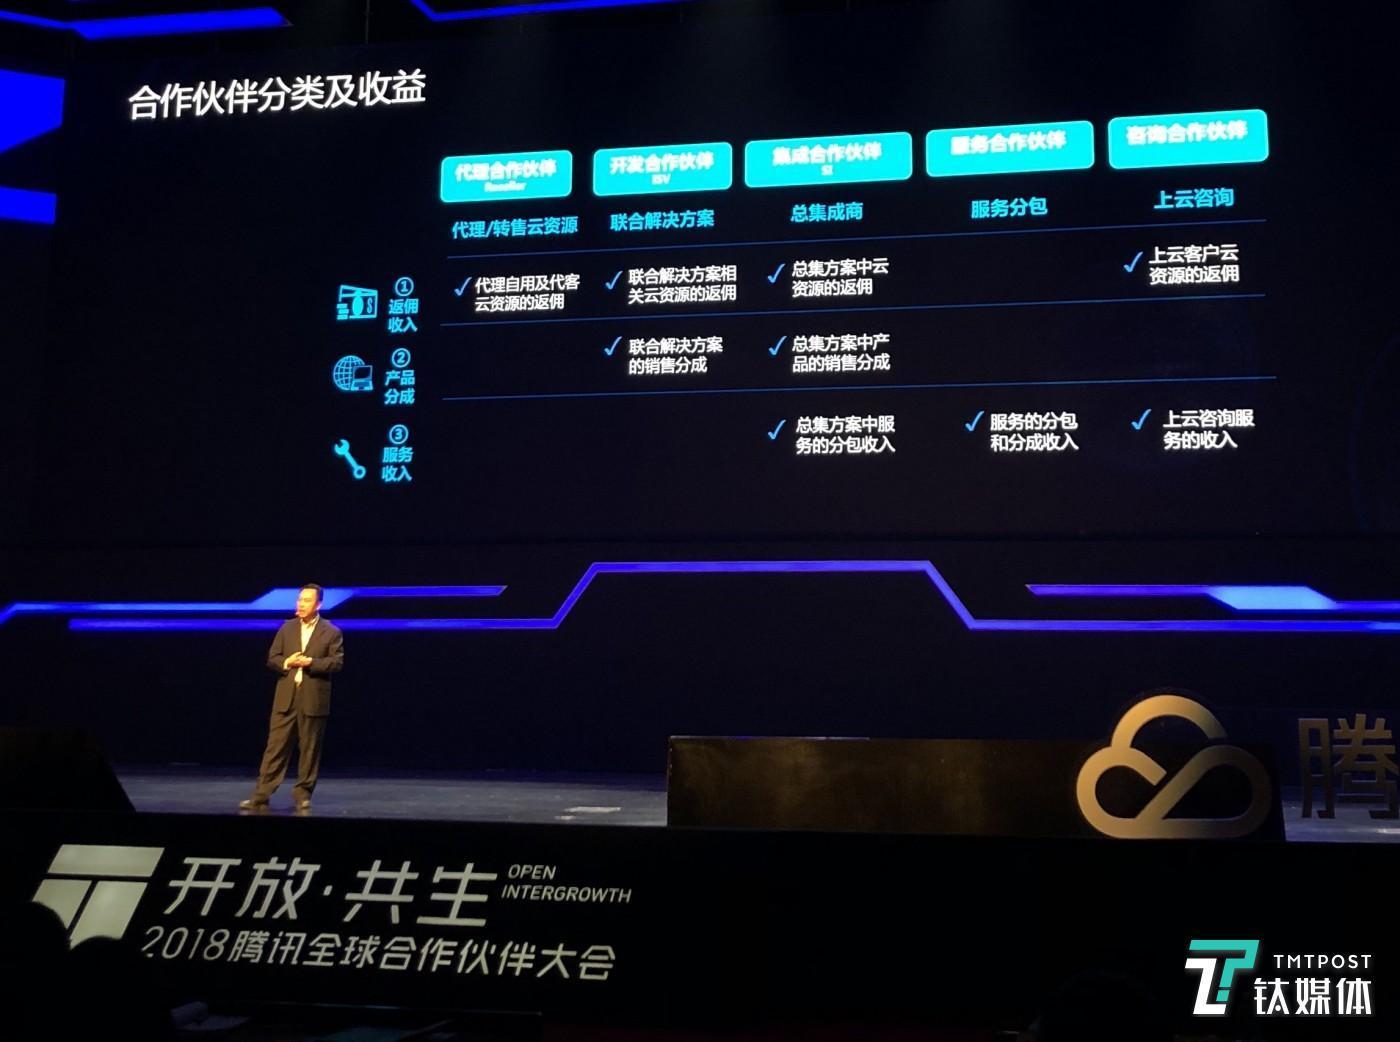 腾讯云合作伙伴生态建设的副总裁谢岳峰